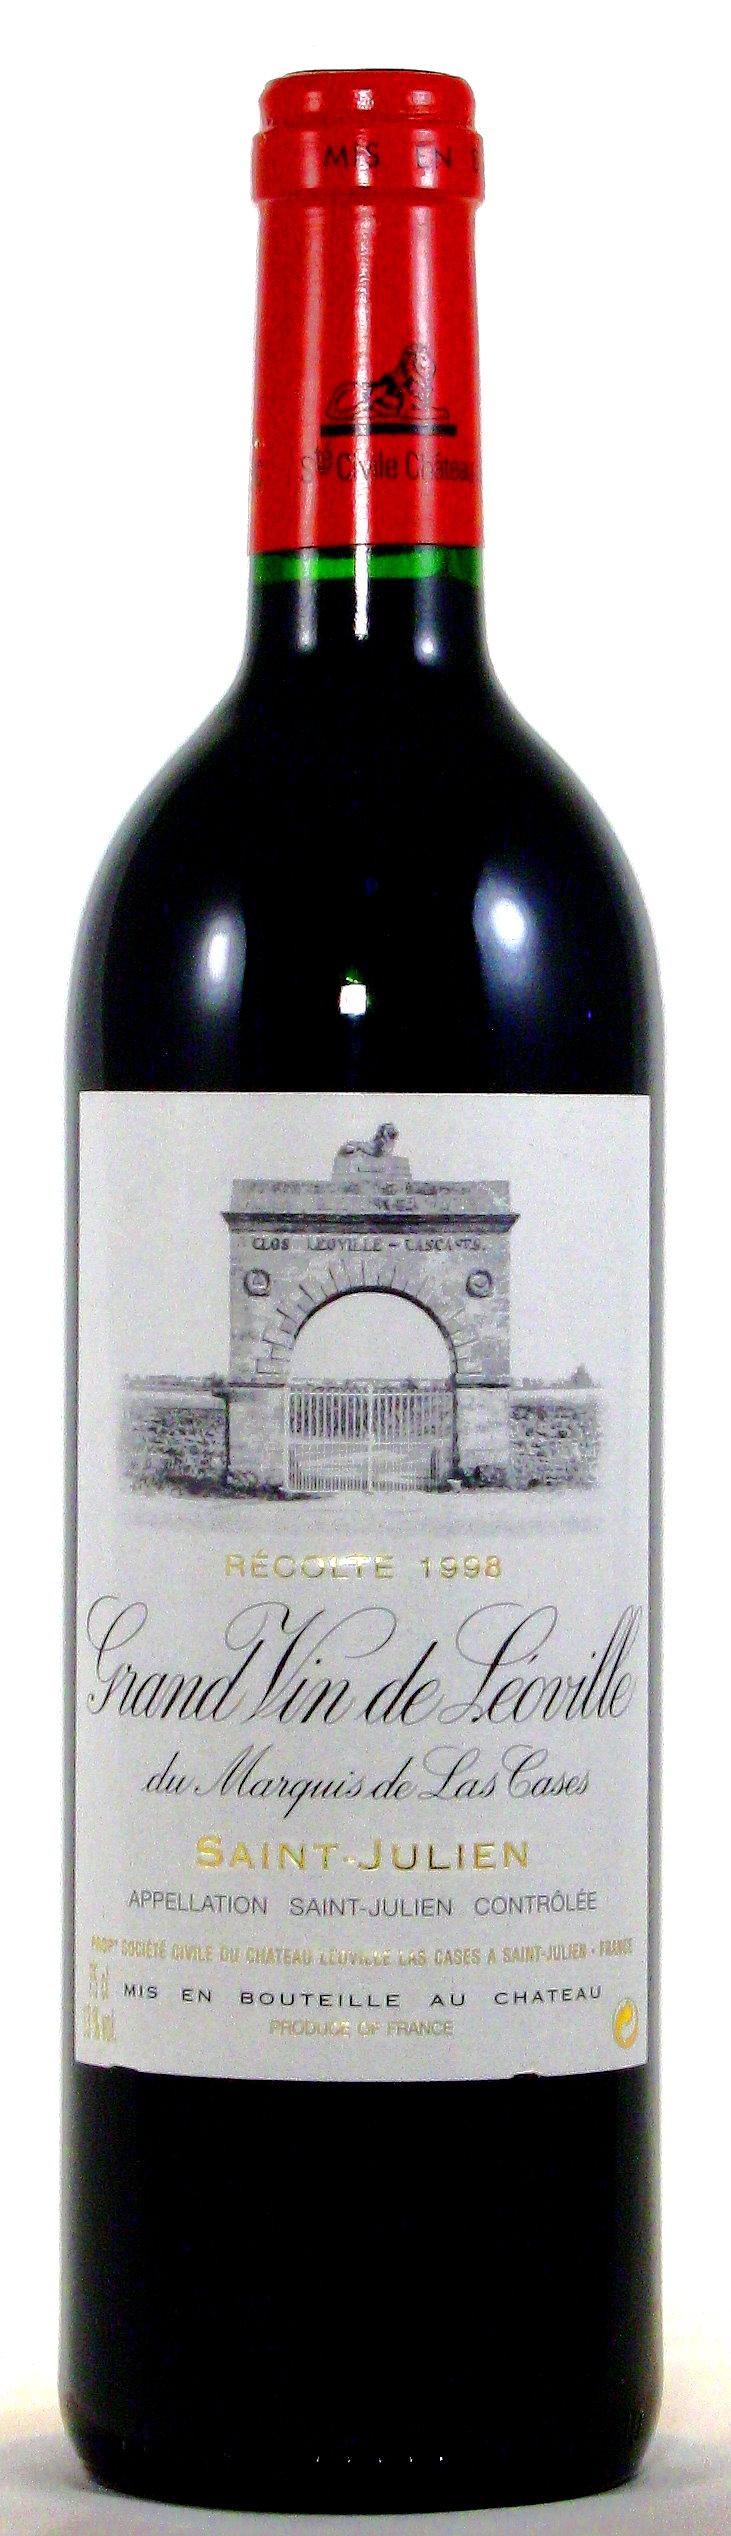 1998 Château Léoville las Cases, 2. Grand Cru Classé Saint Julien, Médoc Bordeaux